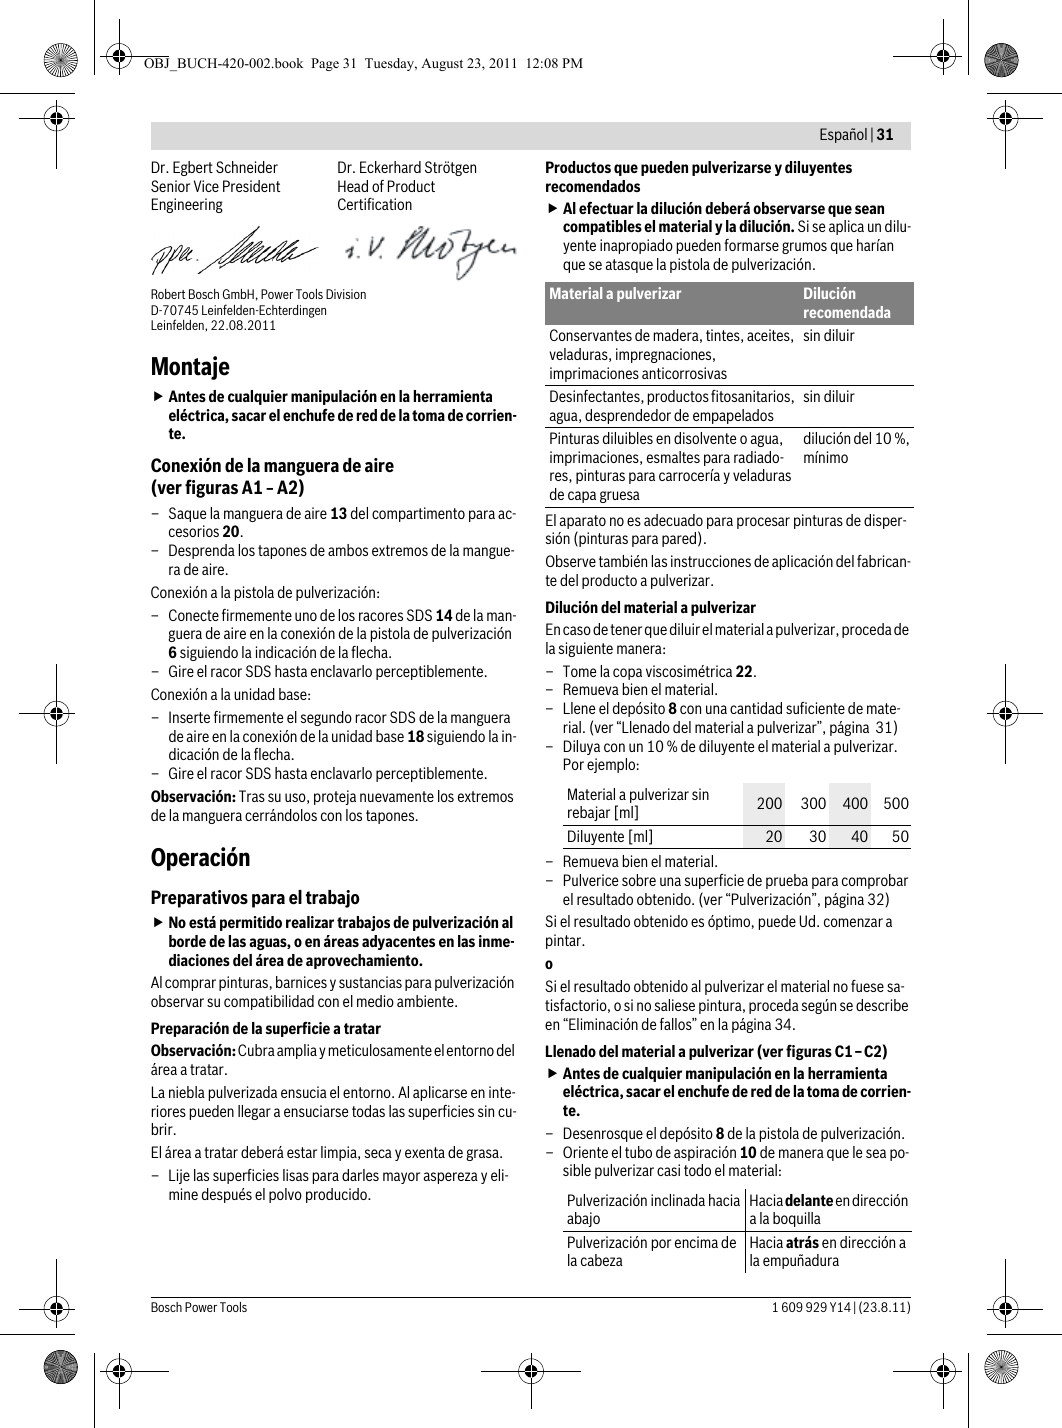 Pfs 105 E Bosch